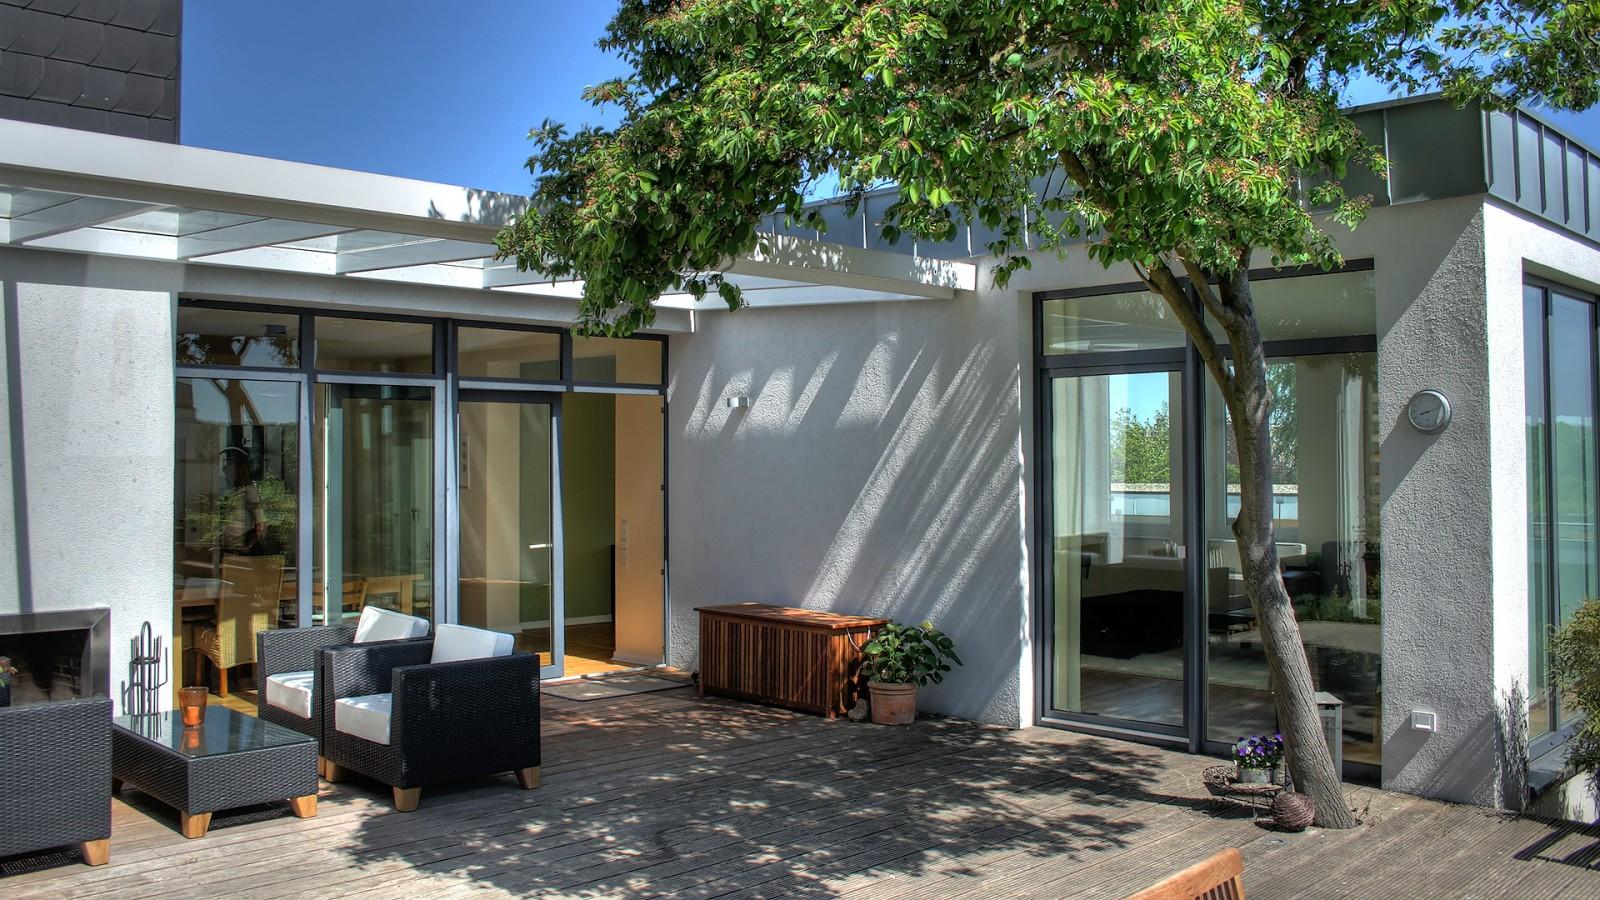 Umbau eines Einfamilienhauses | JUNG - Architekturbüro, Innenarchitekturbüro Hildesheim